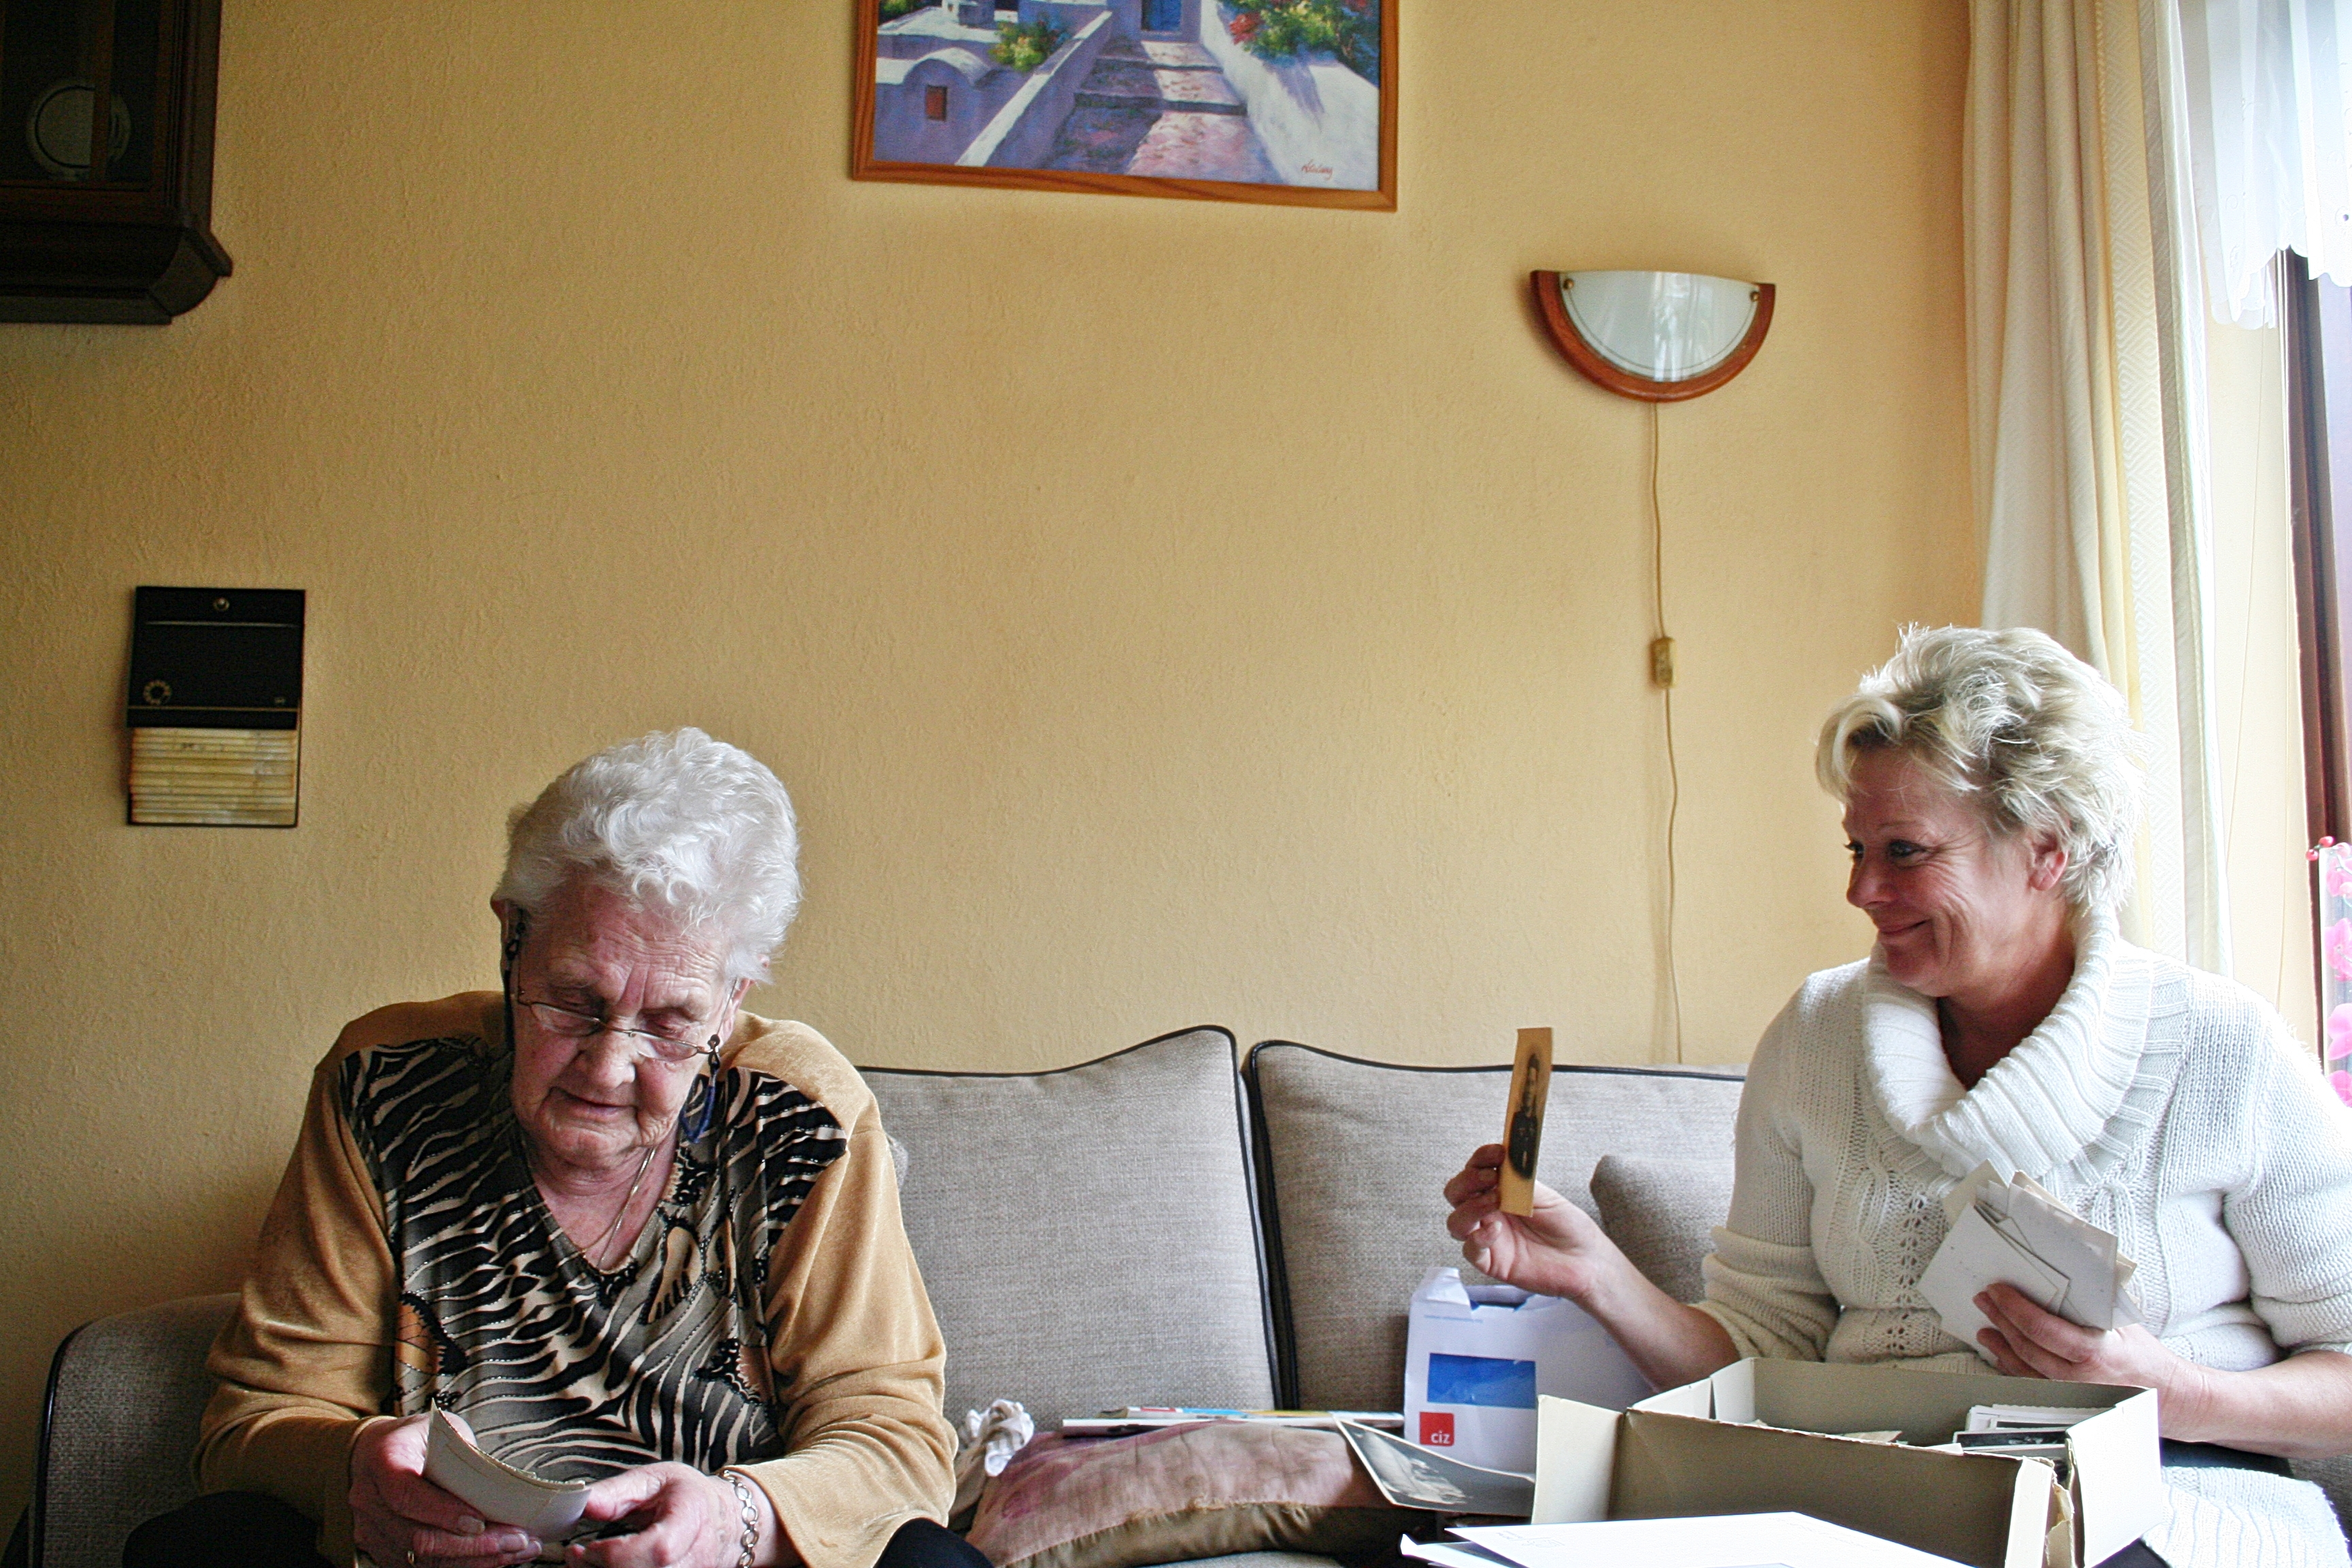 Gré en Ineke 06-04-2011 (6)